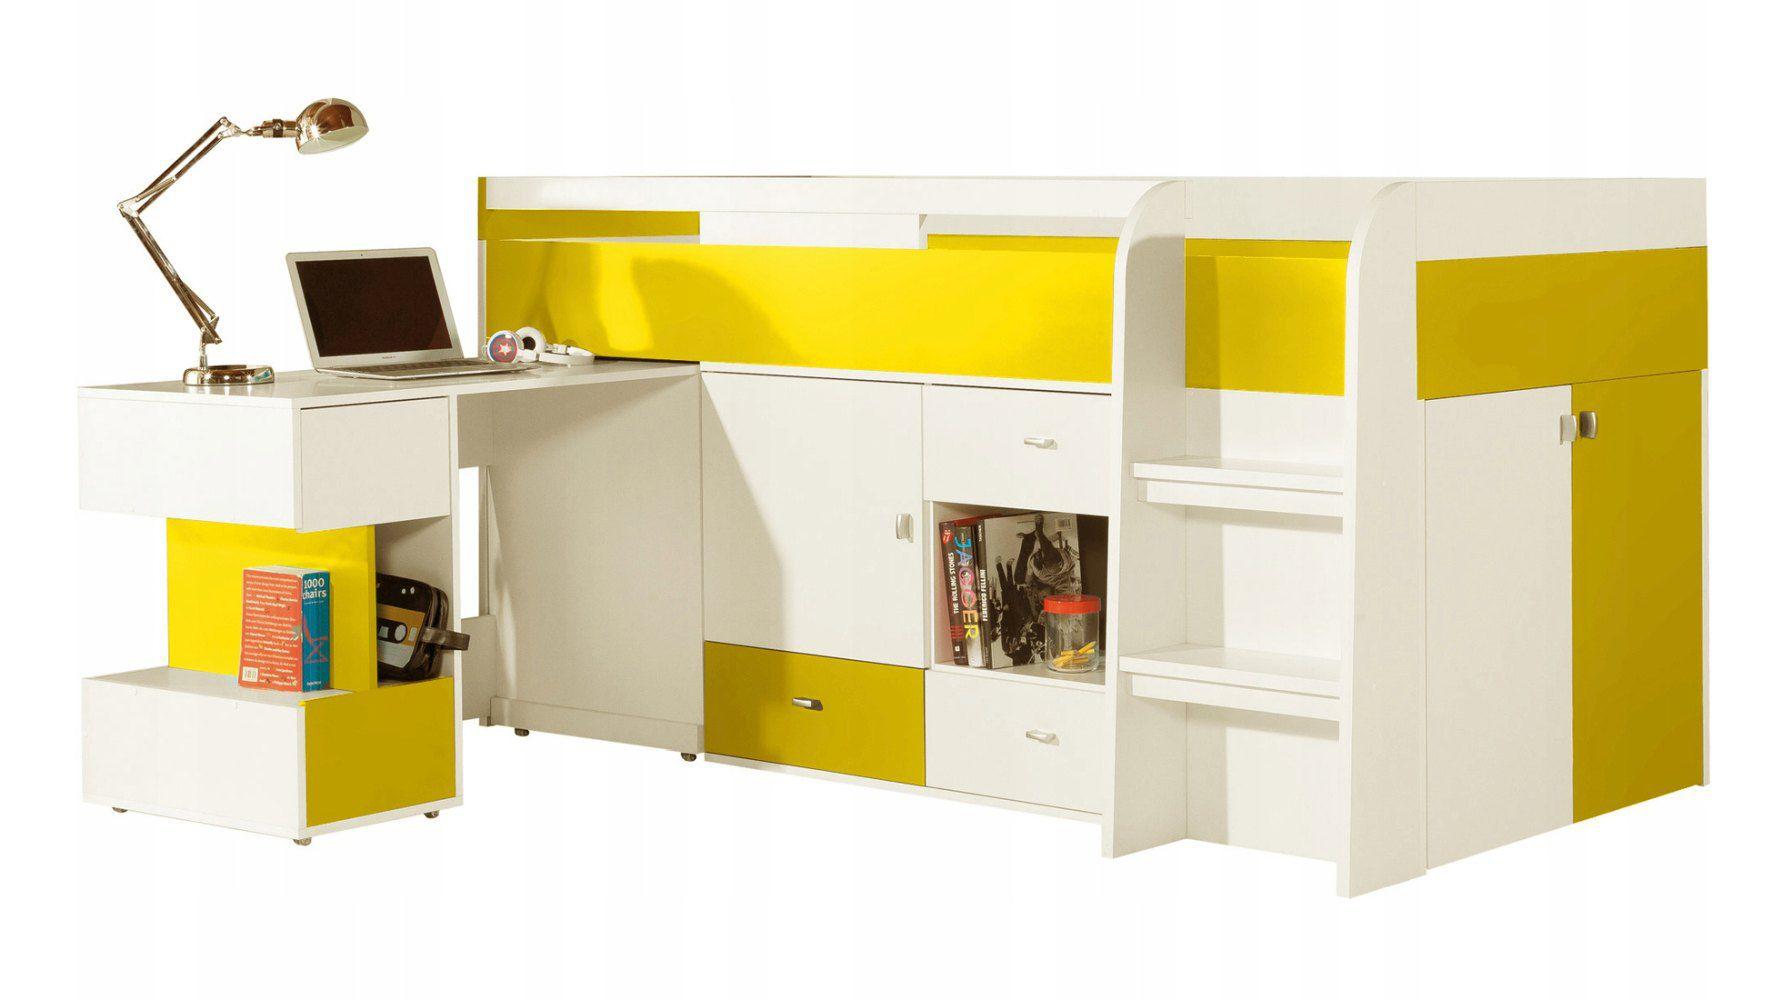 """Funktionsbett / Kinderbett / Hochbett mit Bettkasten und Schreibtisch """"Geel"""" 42, Weiß / Gelb - Liegefläche: 90 x 200 (B x L)"""